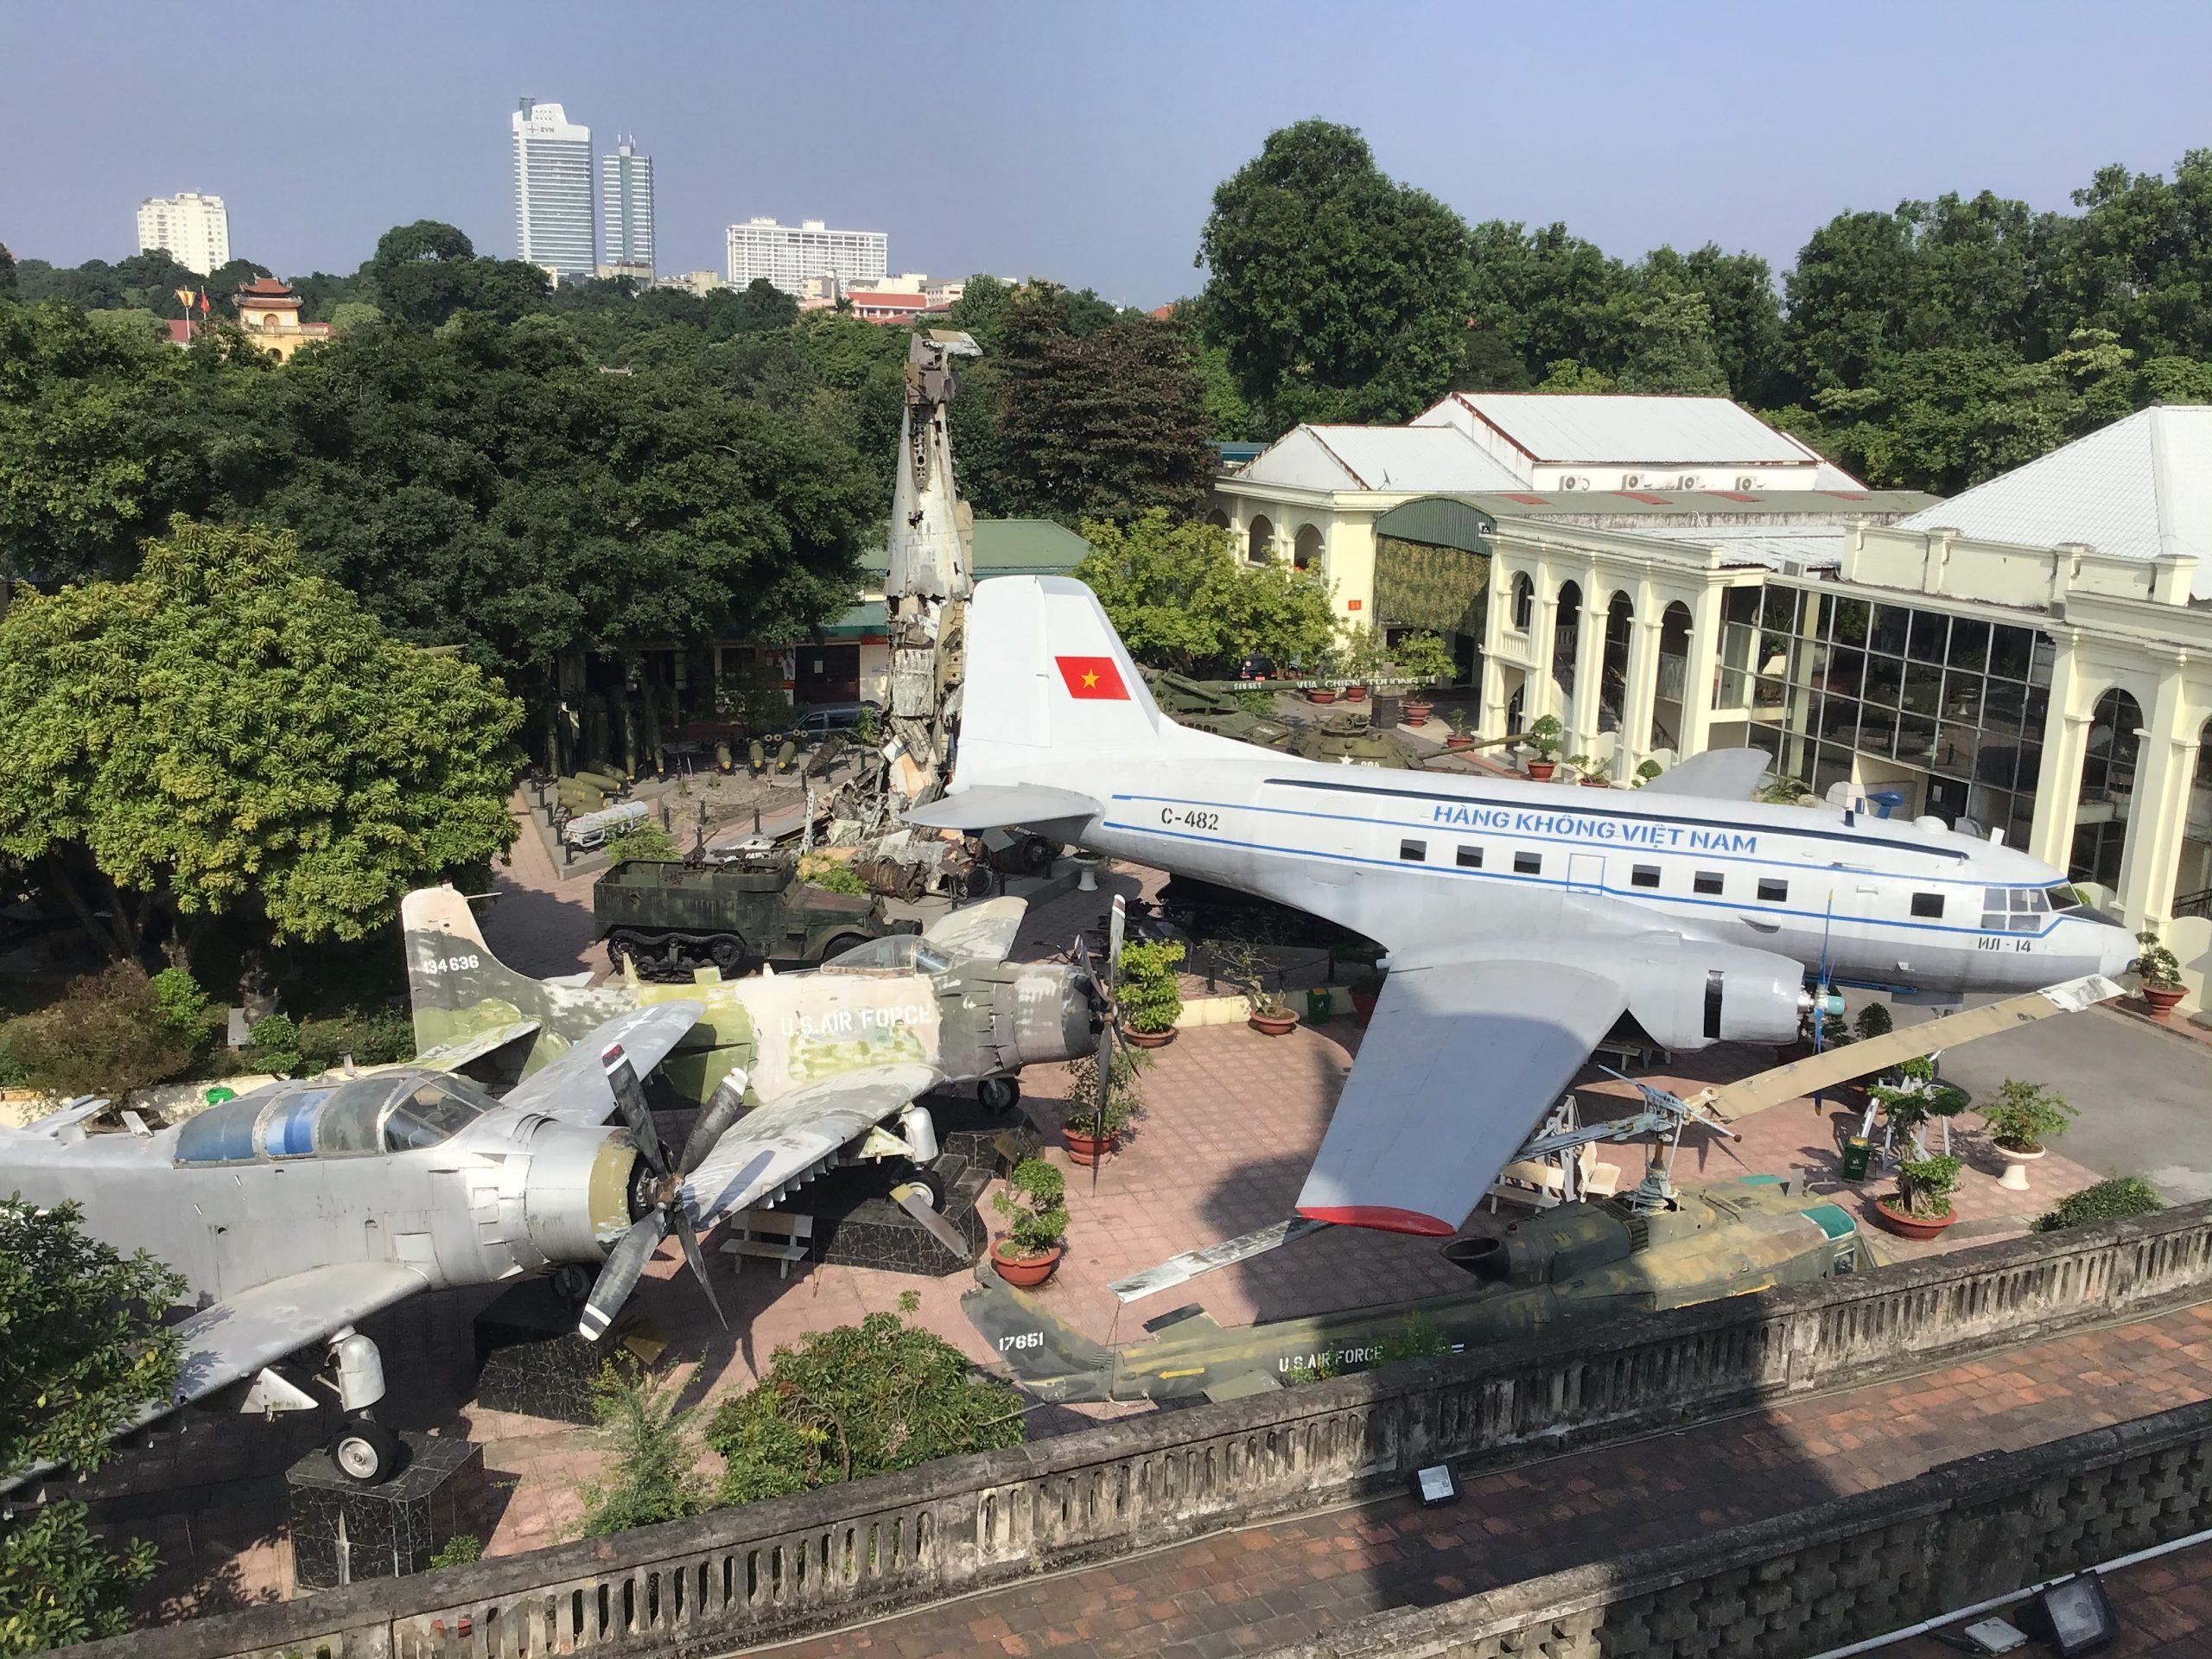 ベトナム軍地歴史博物館 野外展示   ハノイのおすすめ市内観光スポット30選!